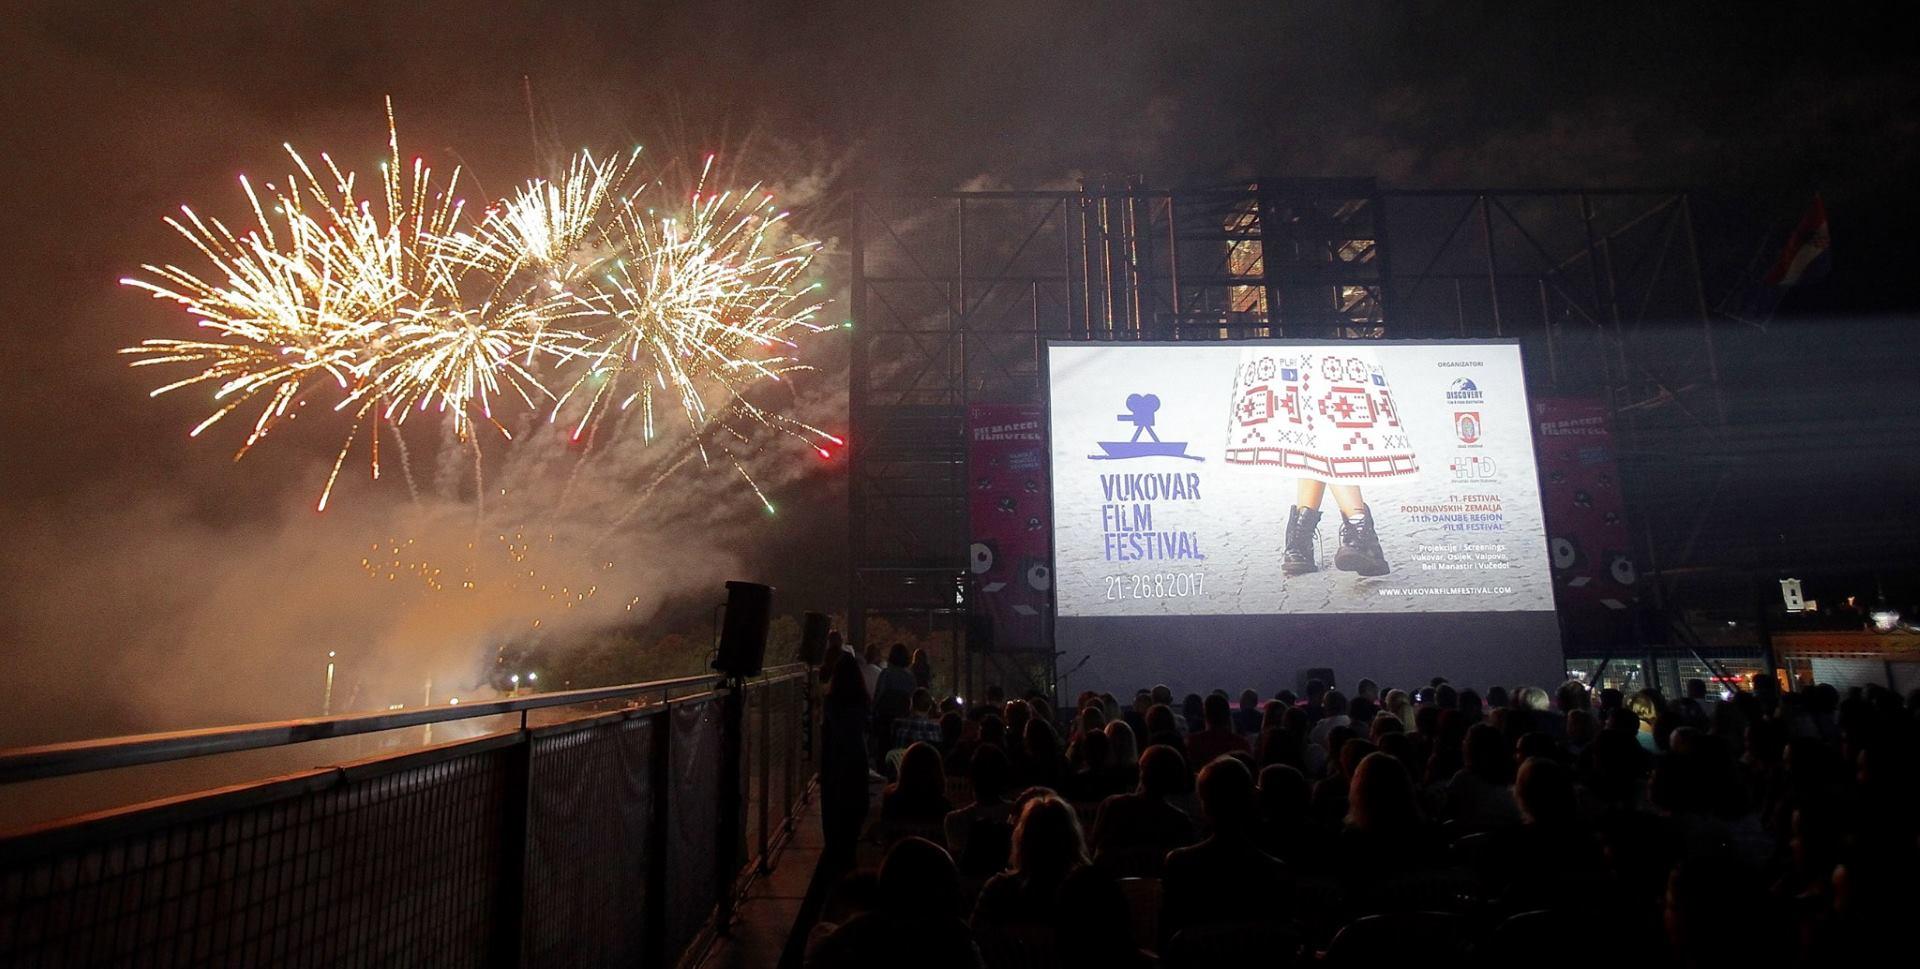 Prijavite filmove na 12. Vukovar film festival